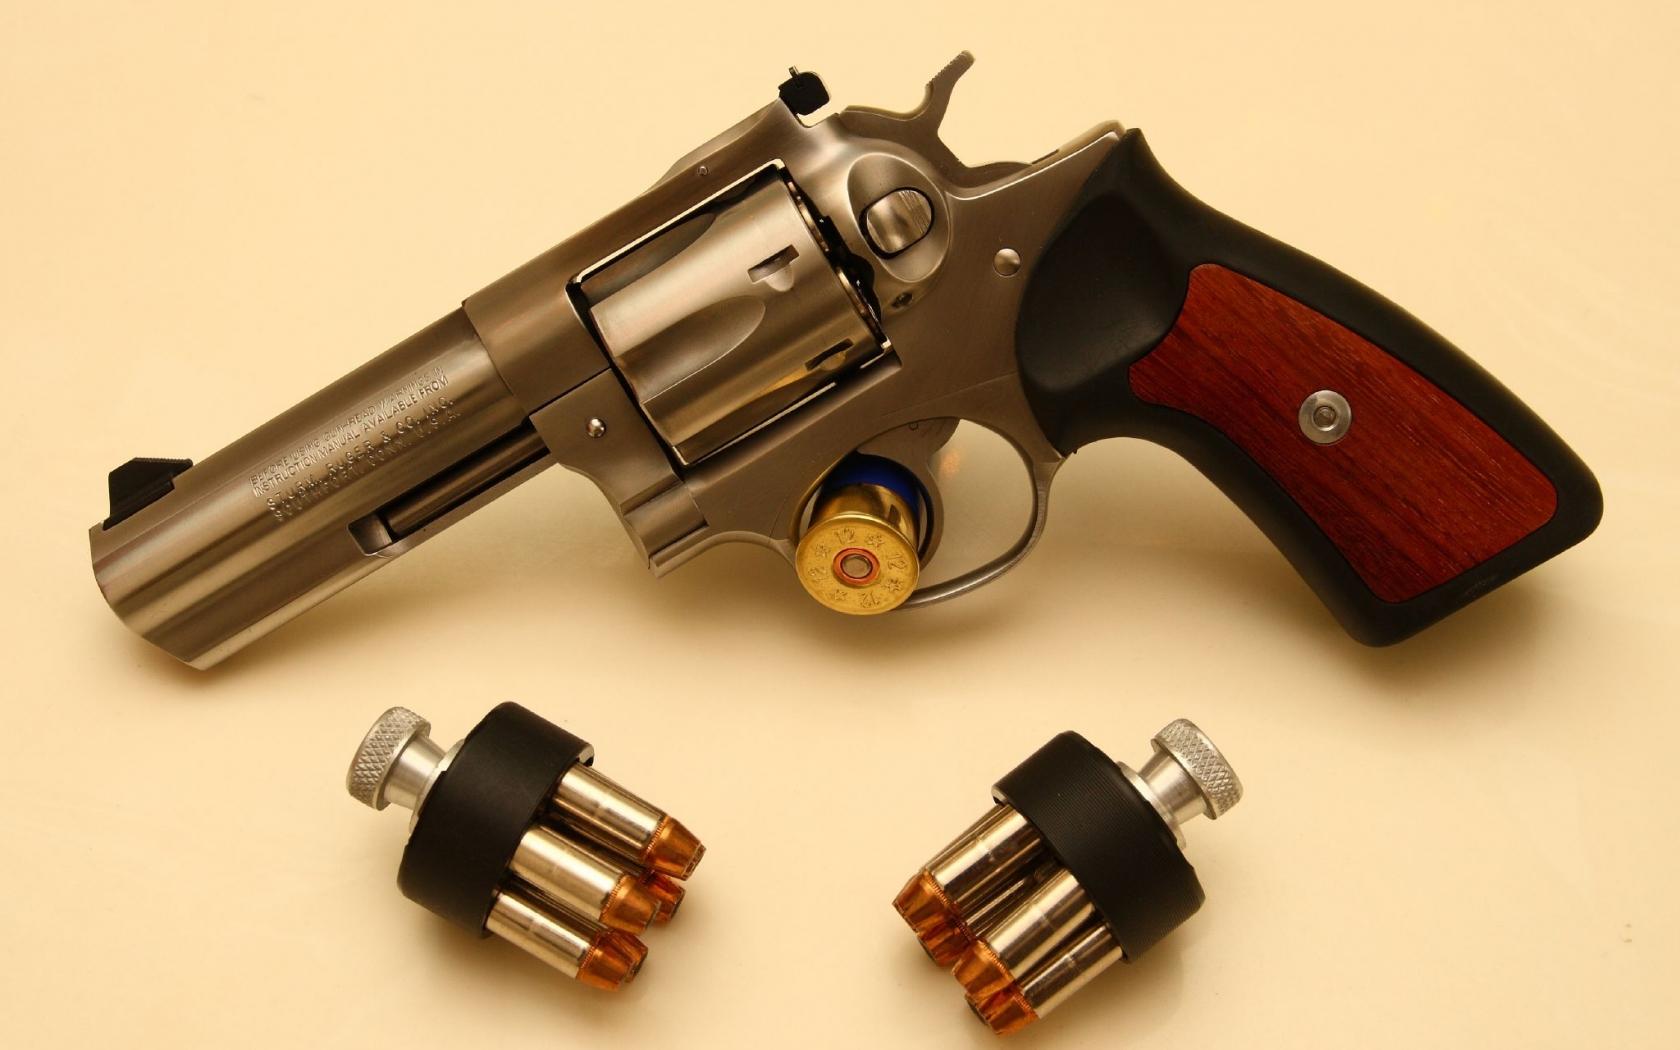 Revolver de lujo - 1680x1050